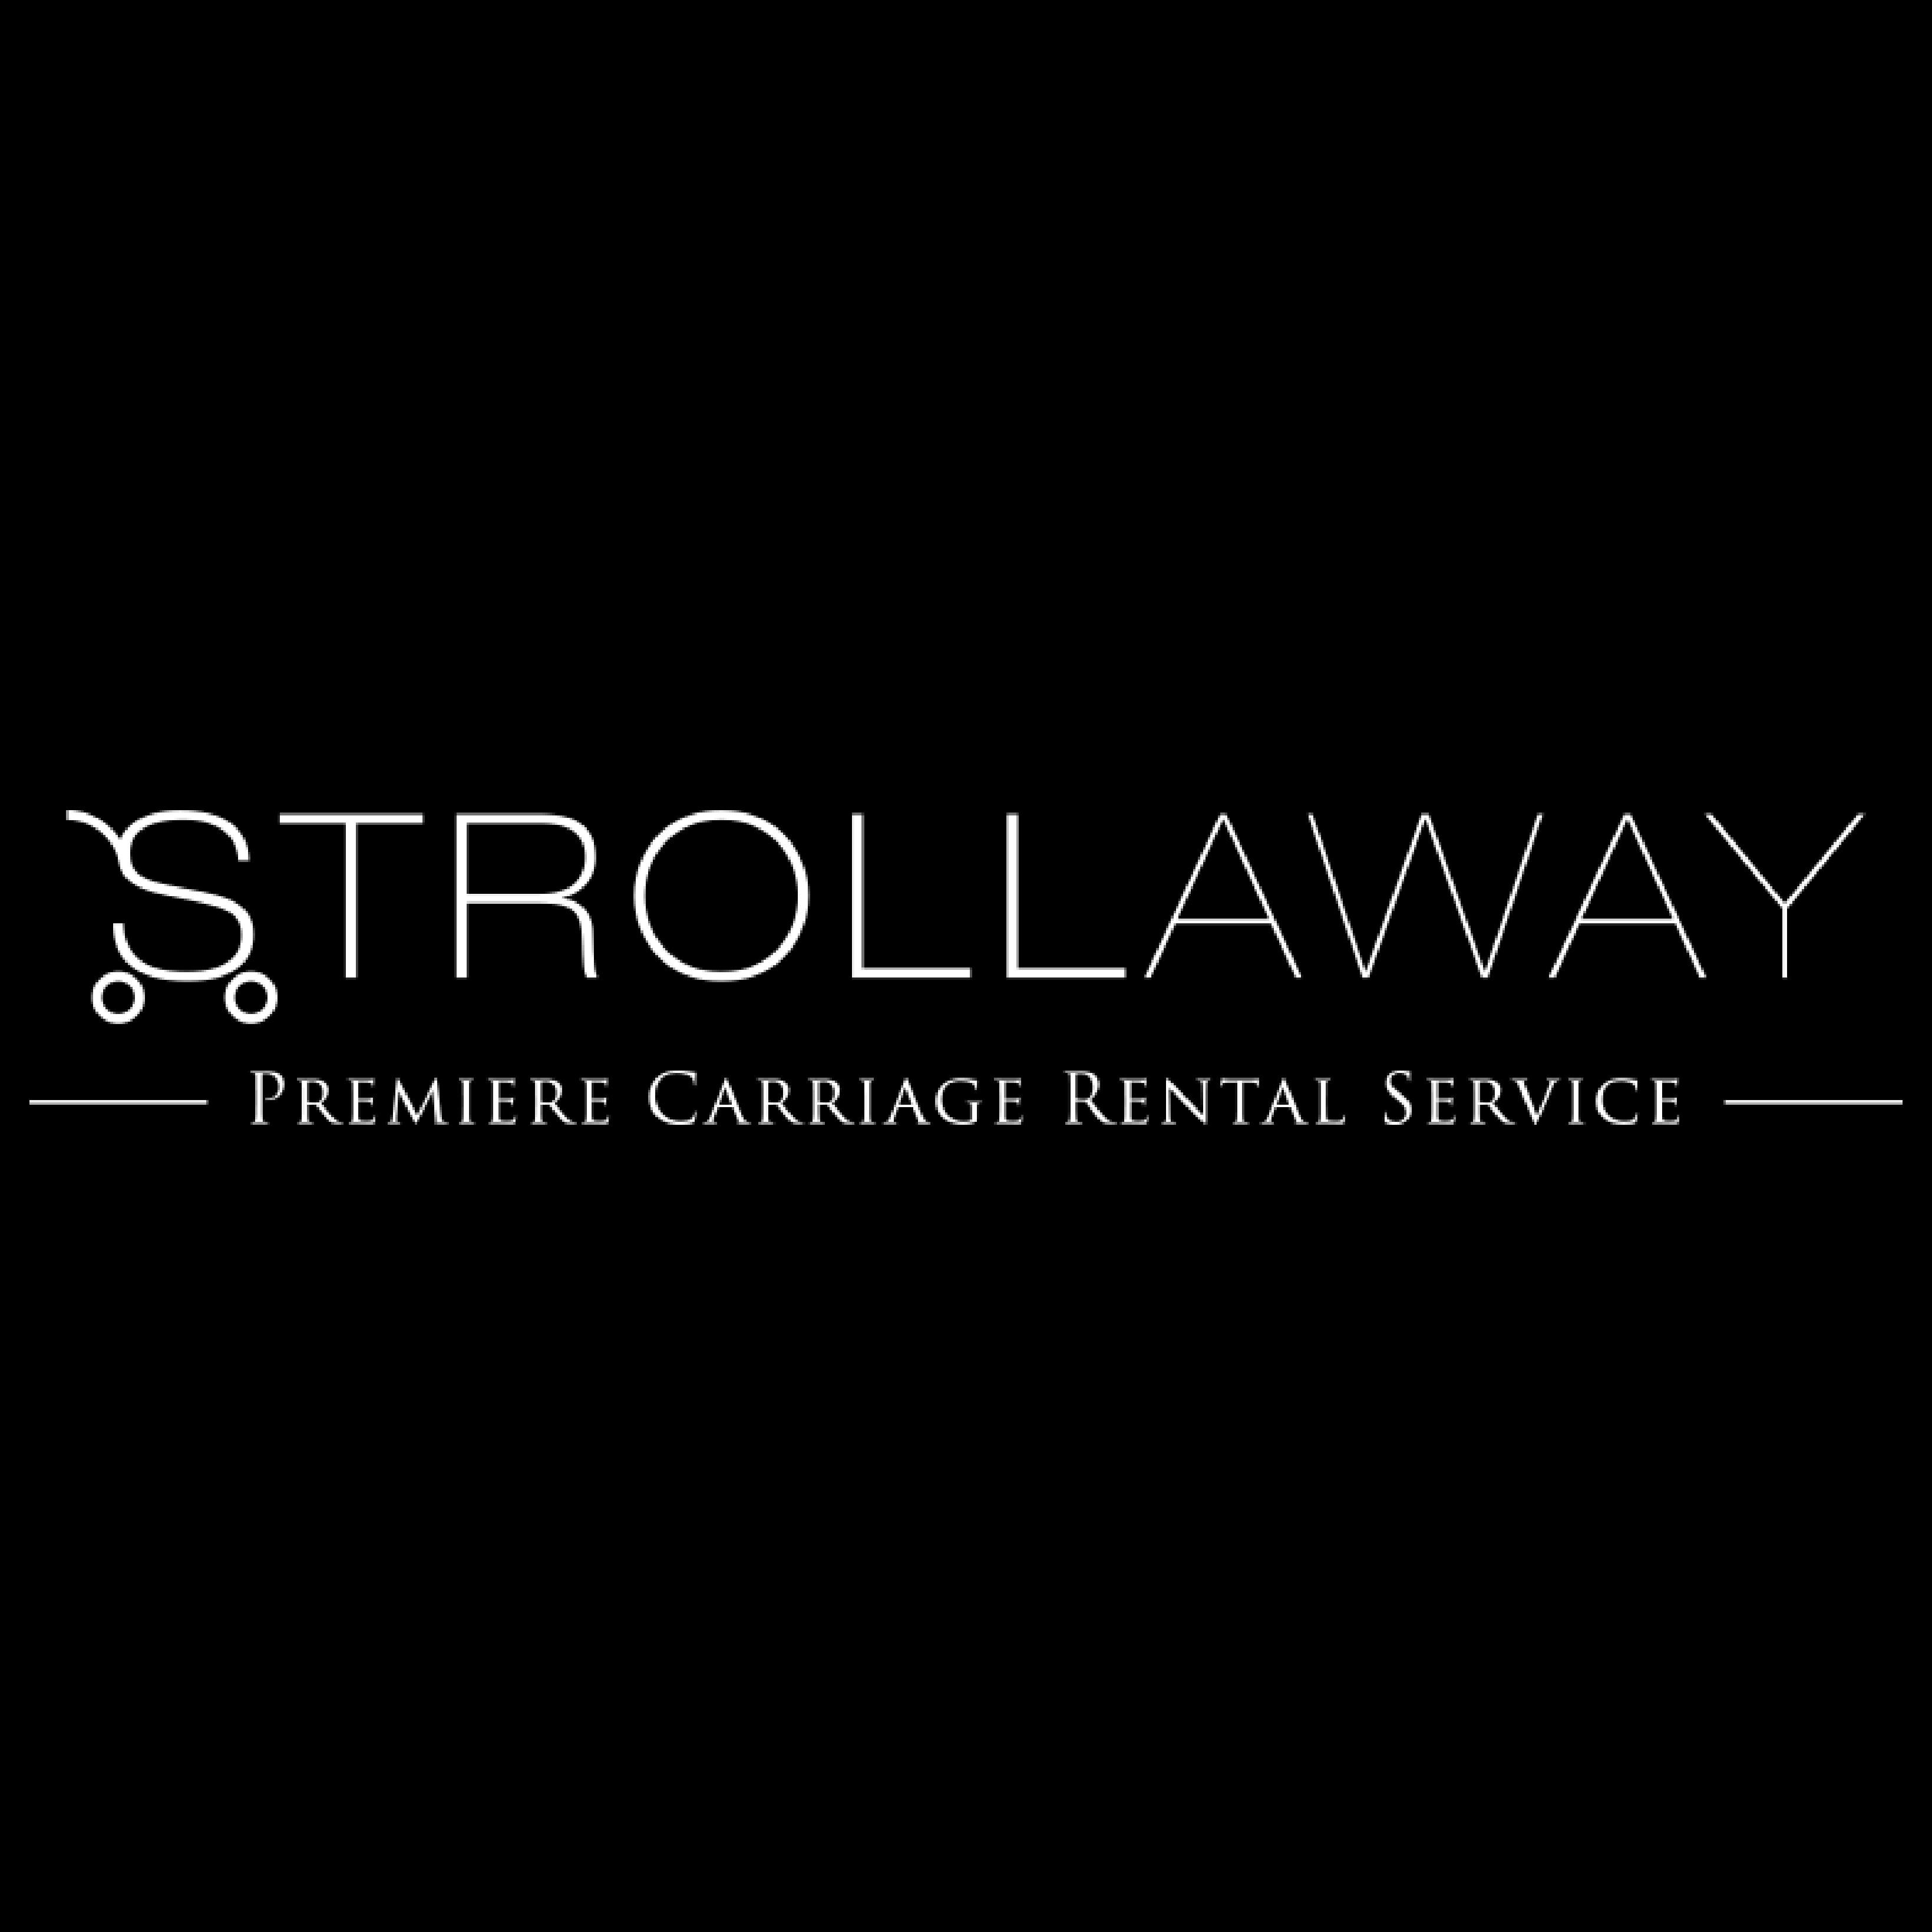 Strollaway